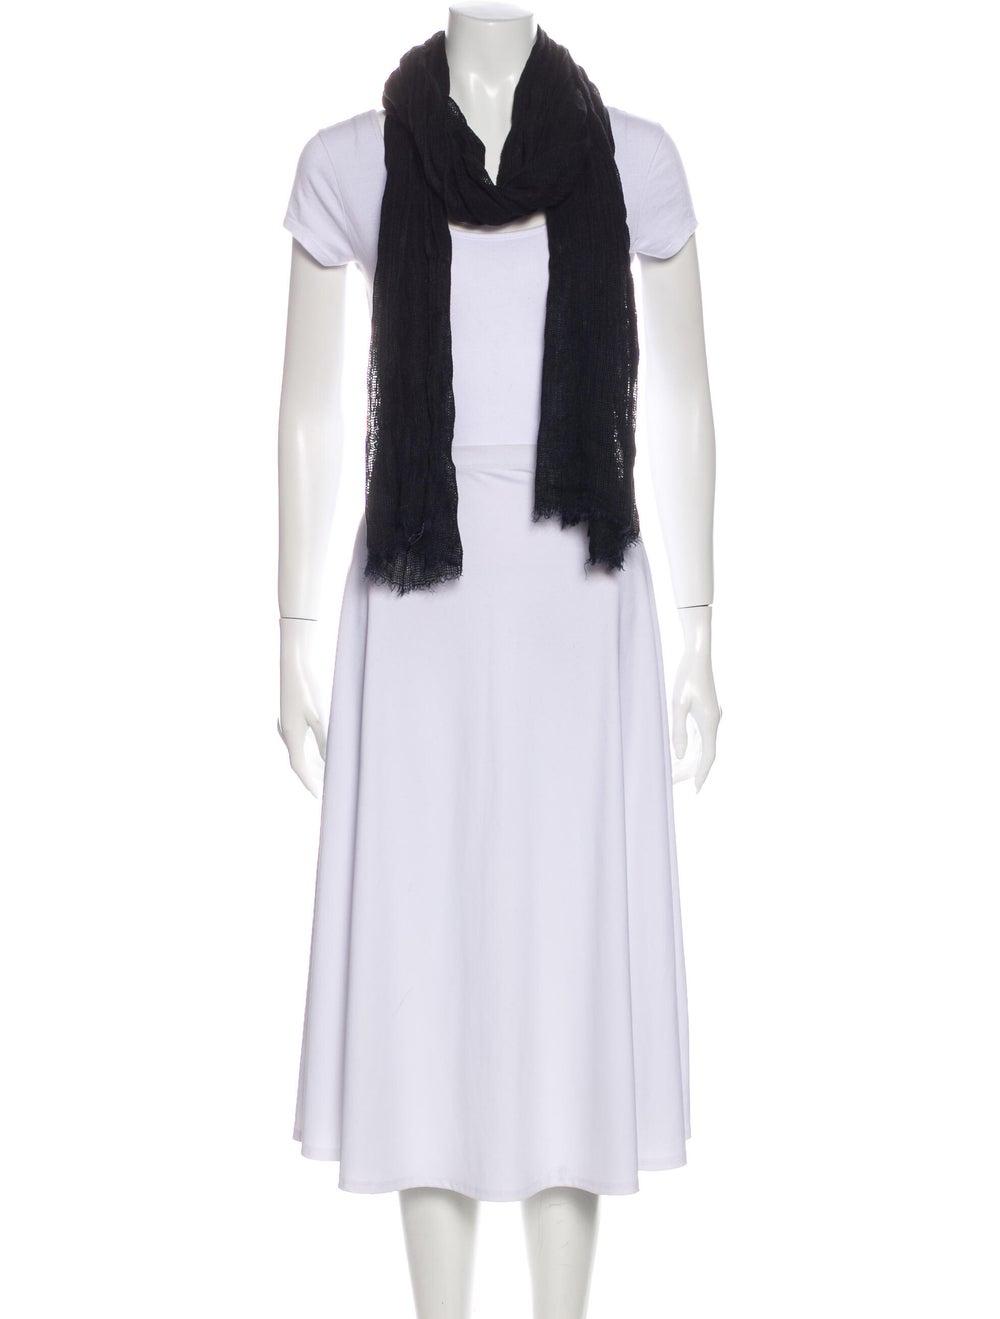 Dolce & Gabbana Knit Frayed Scarf Black - image 3